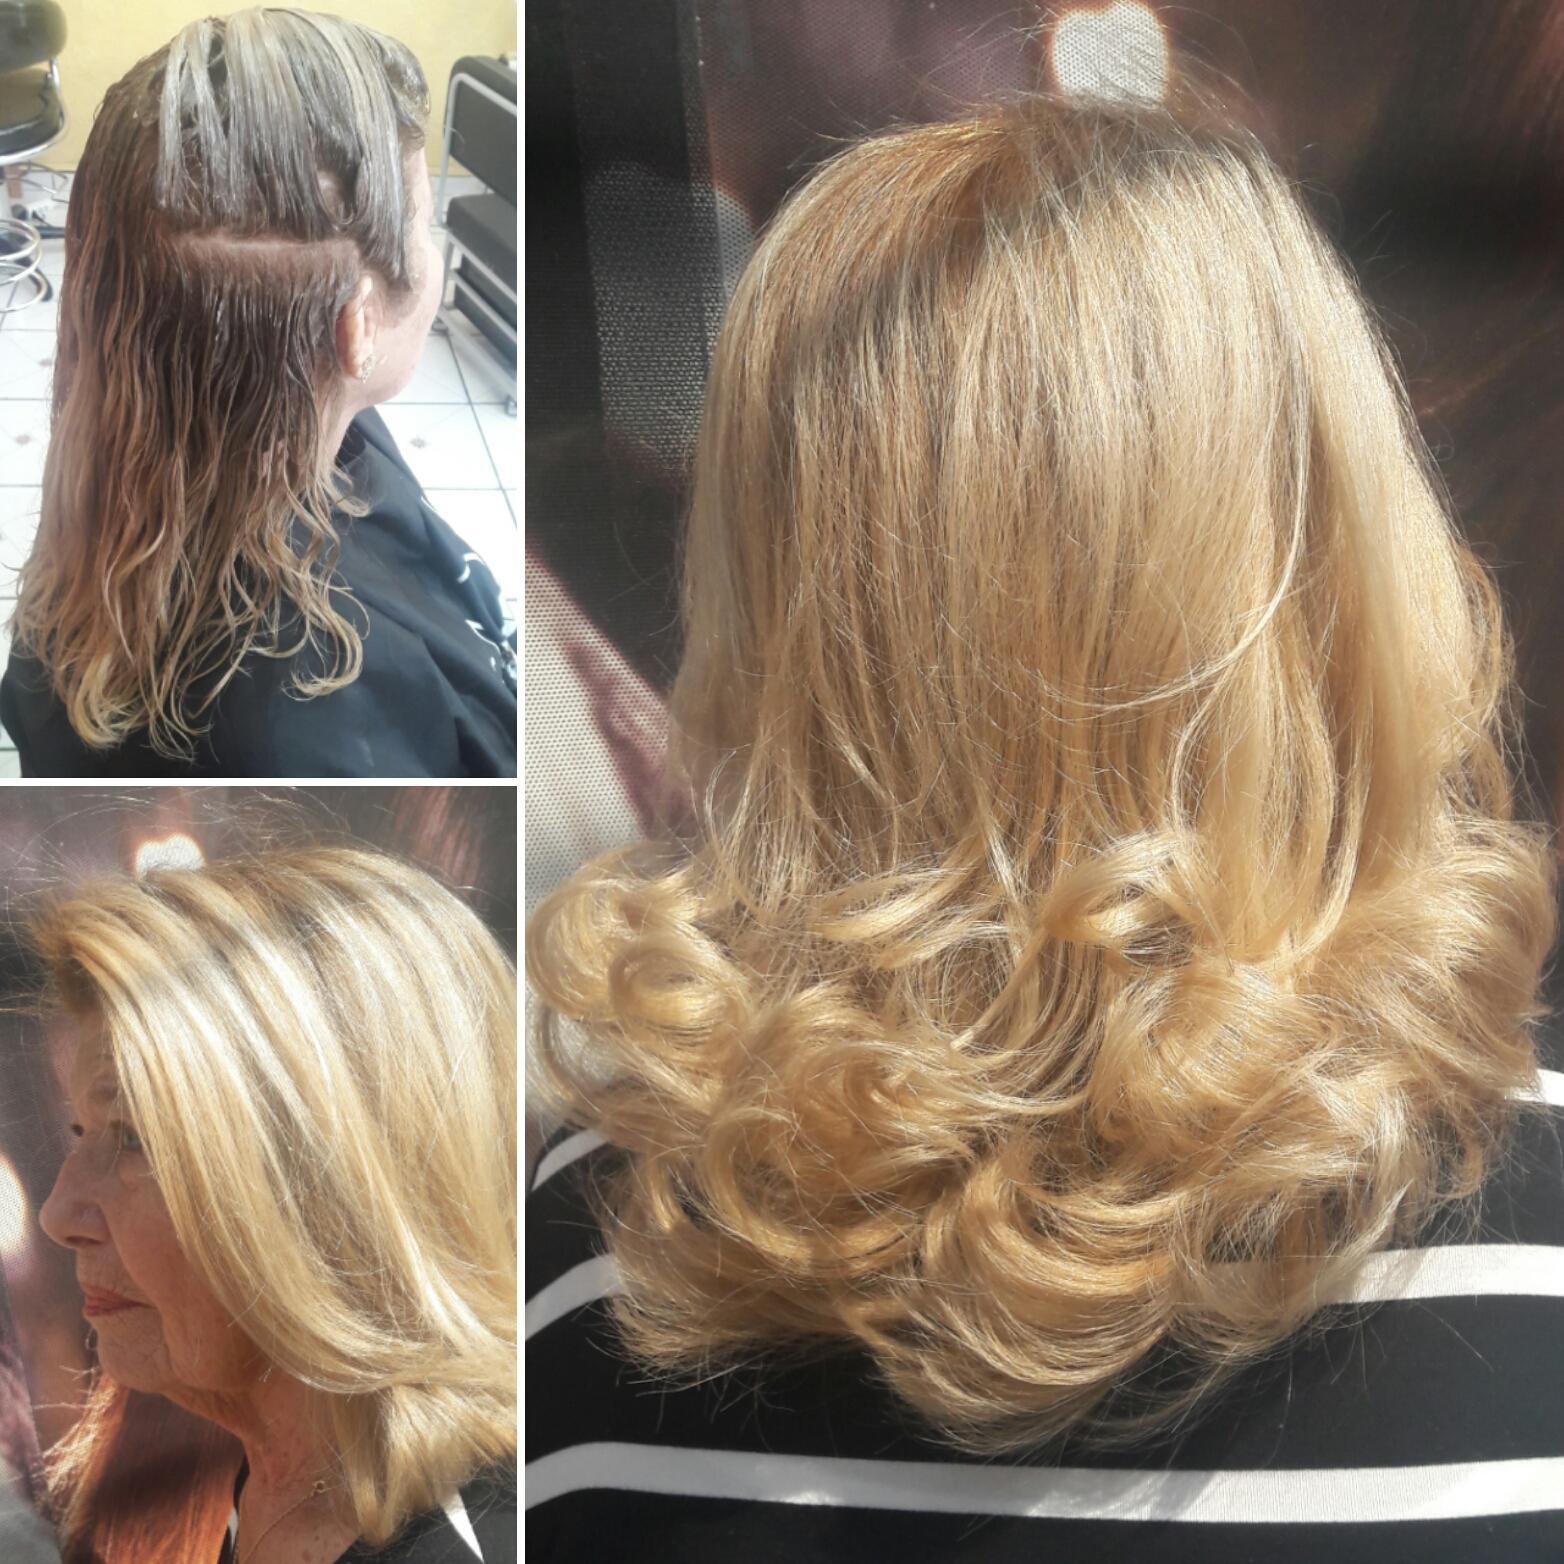 Retoque de raiz levemente esfumado. #hairstylist #haircut #hairdresser #beauty #corte @blessed.patty  cabelo cabeleireiro(a)